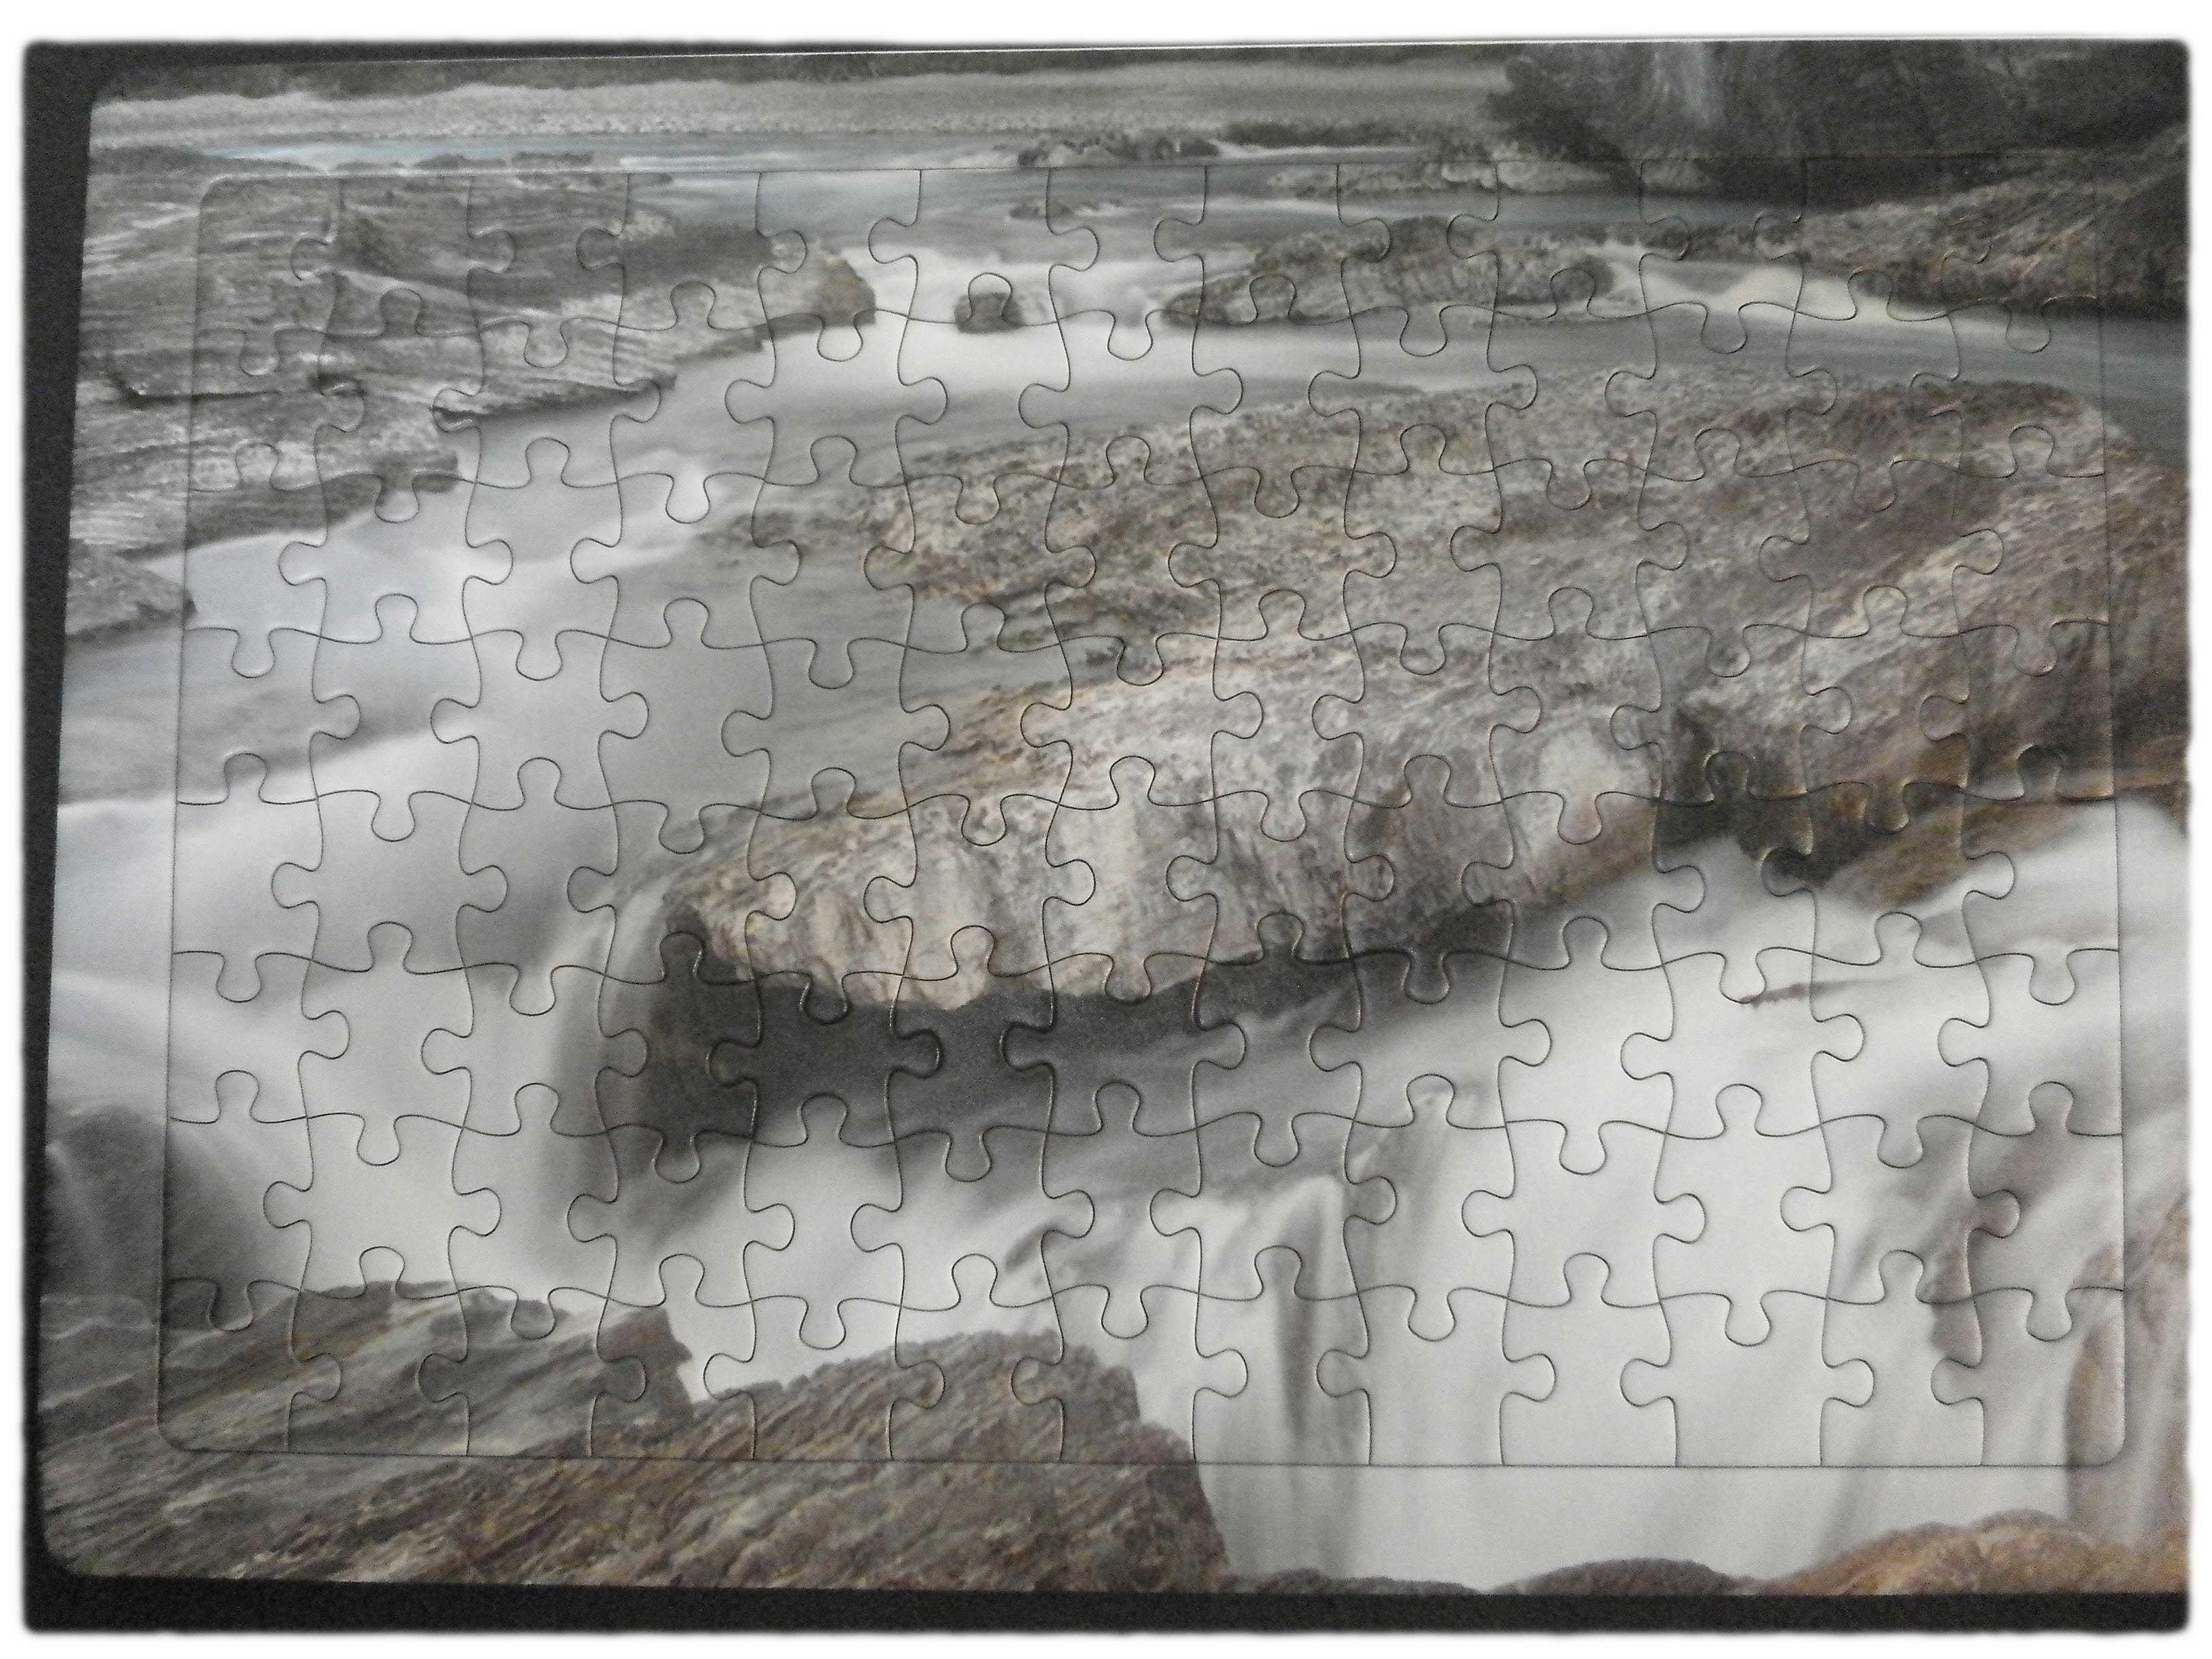 オリジナルジグソーパズル画像